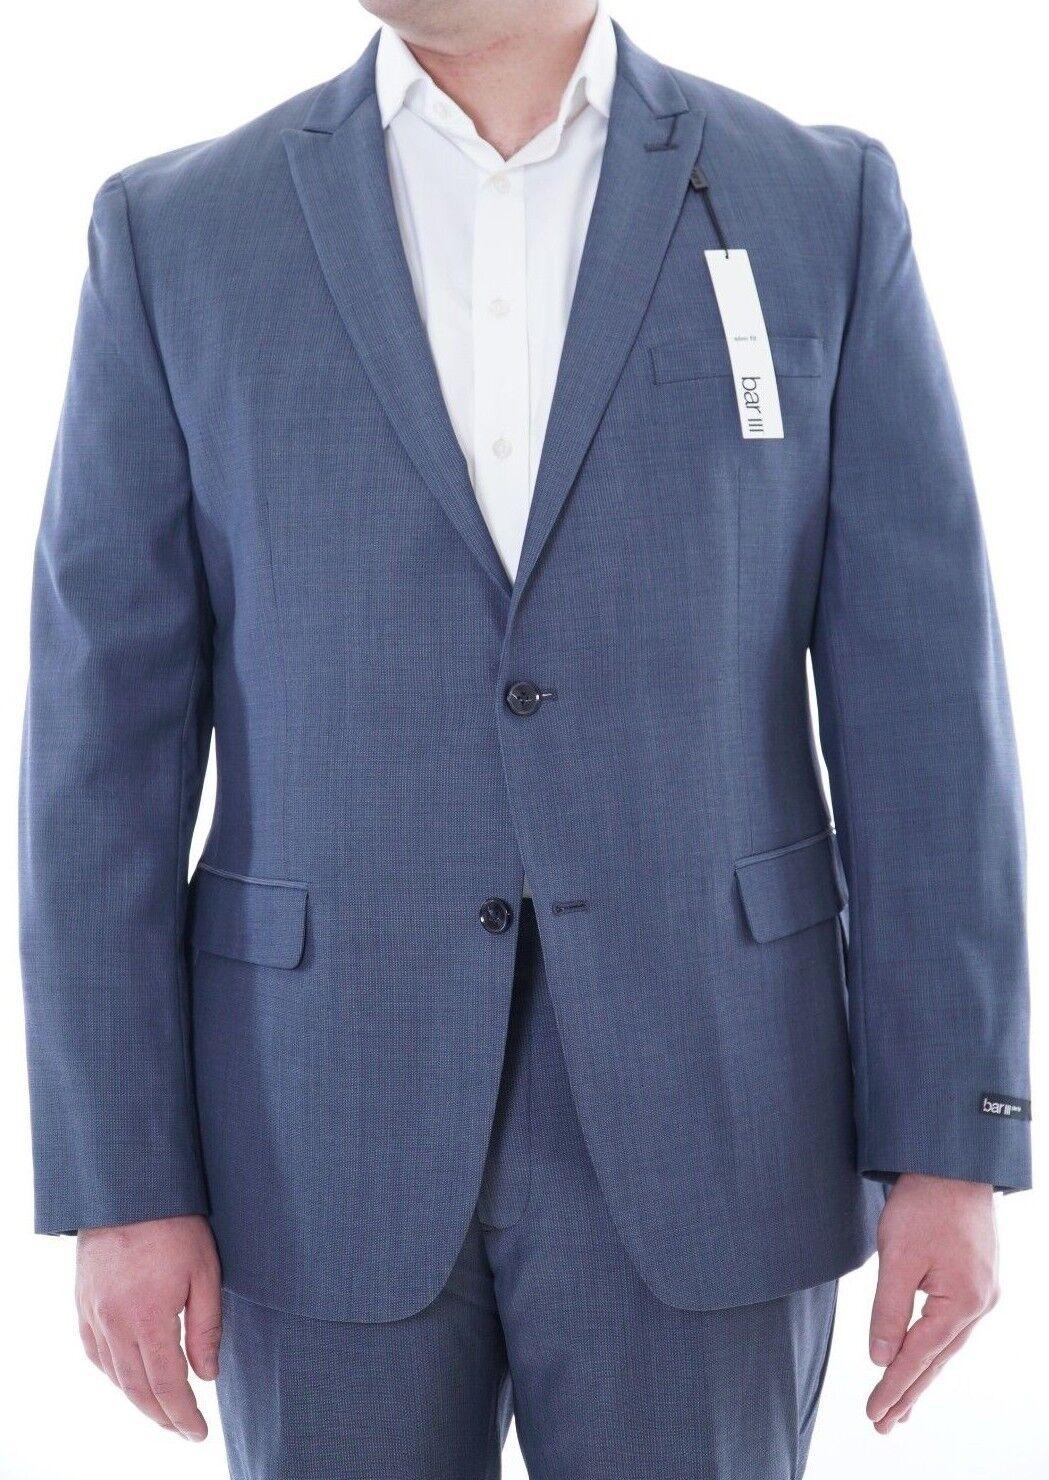 Bar III Slim Fit Mid bluee Striped Wool Blend 2 Button Suit w  Peak Lapels